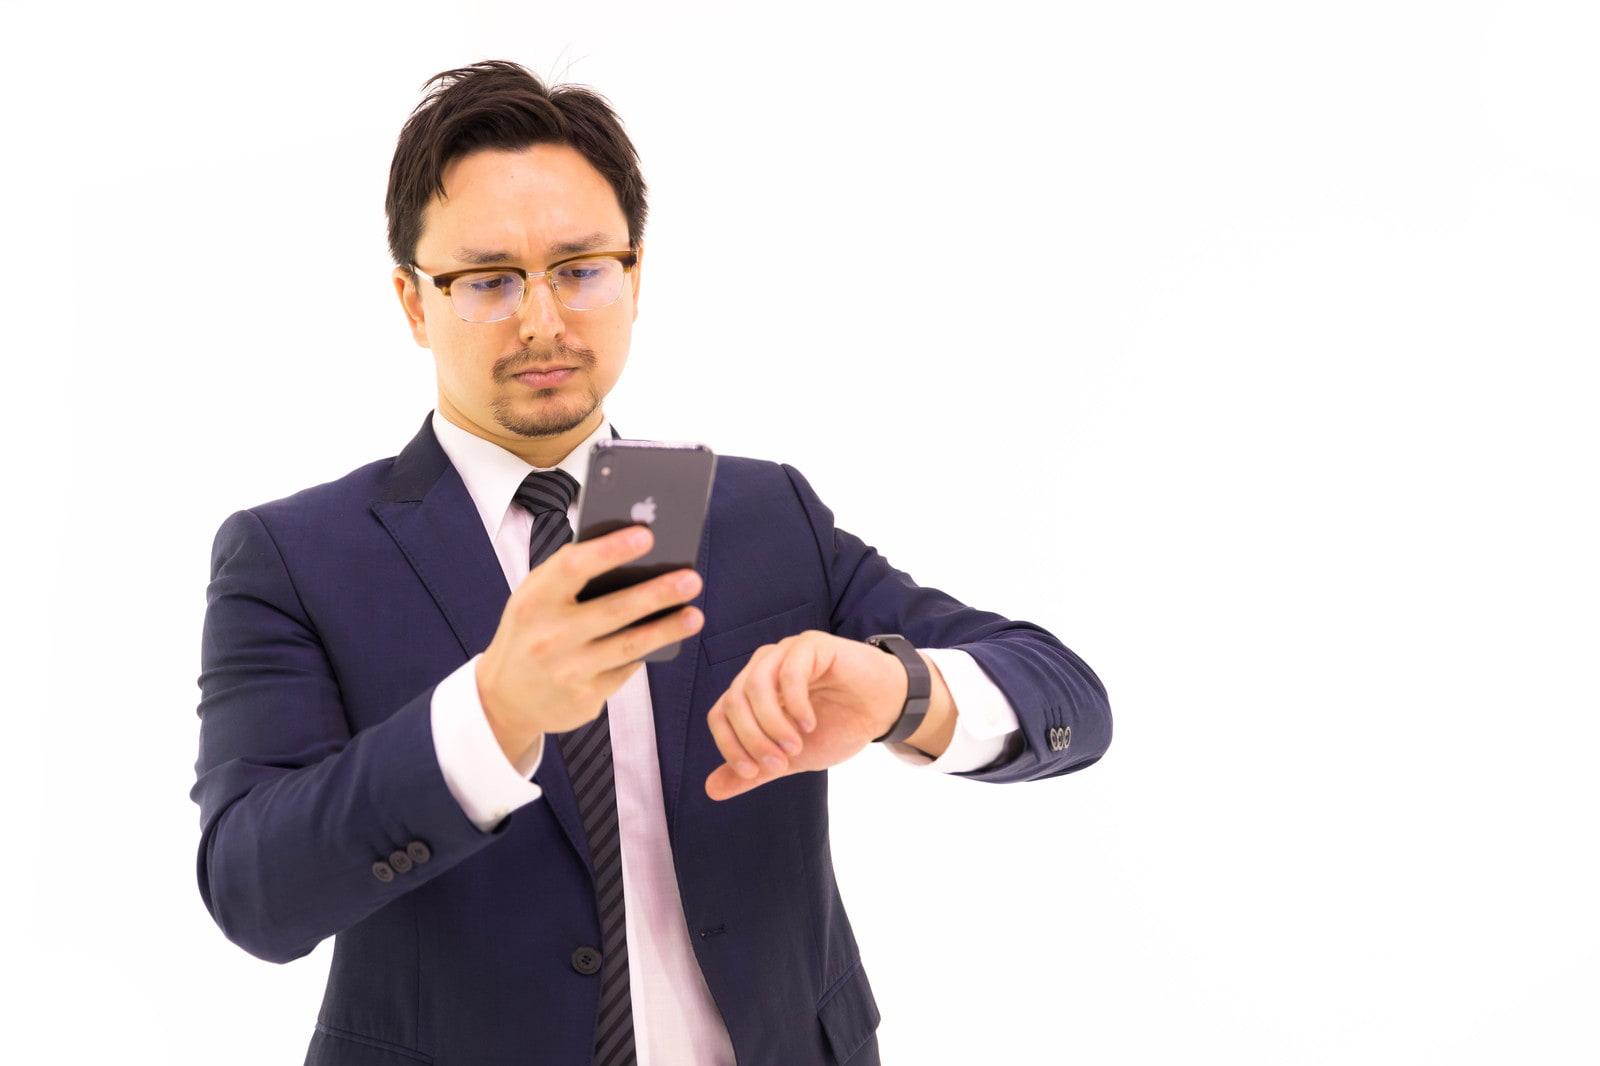 腕時計を見ながらスマホを見る男性